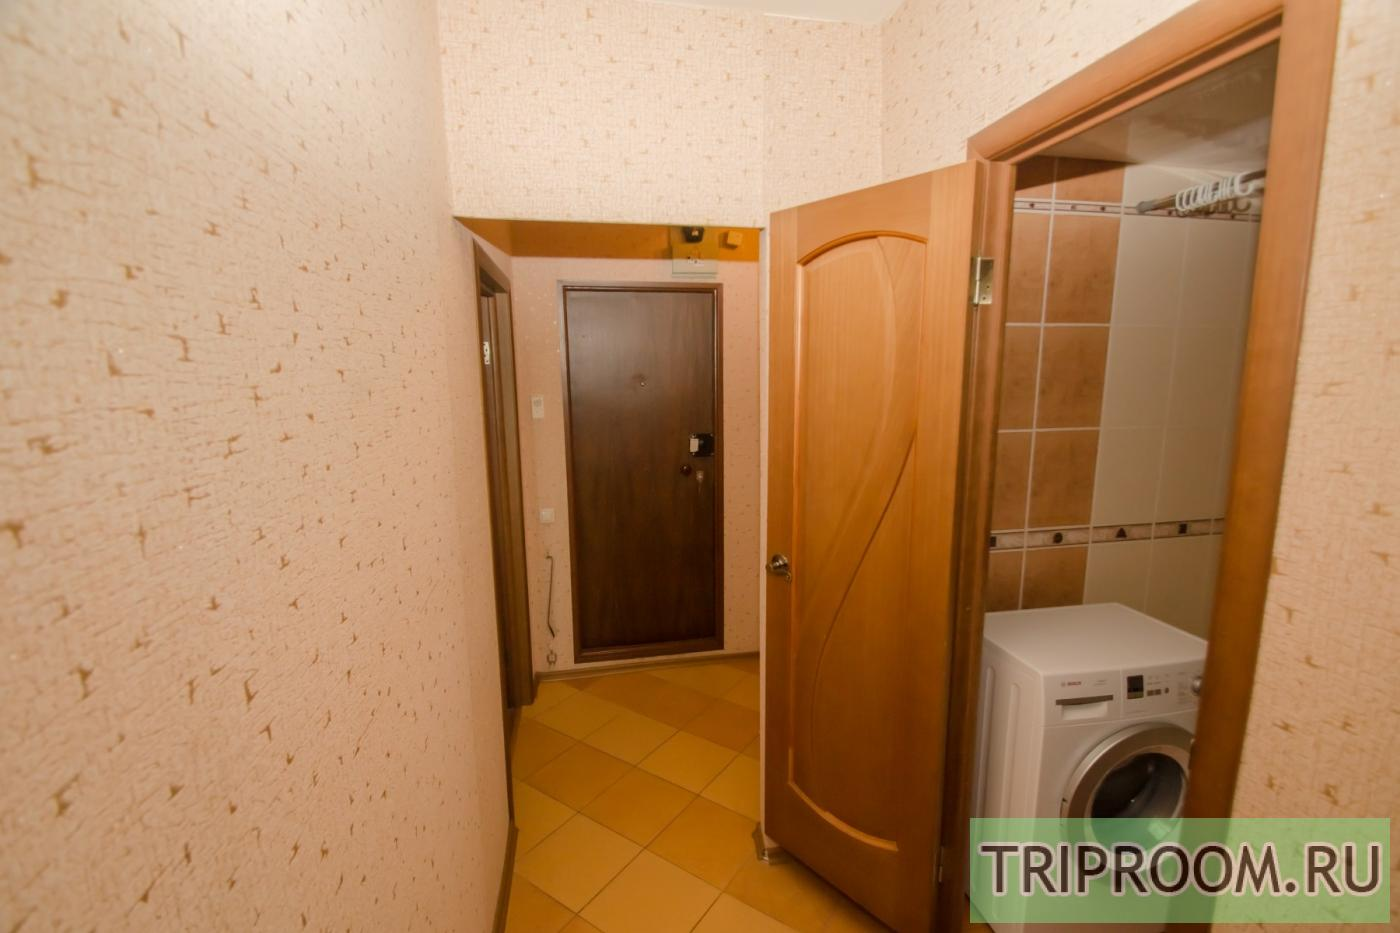 1-комнатная квартира посуточно (вариант № 2483), ул. Мордасовой улица, фото № 5